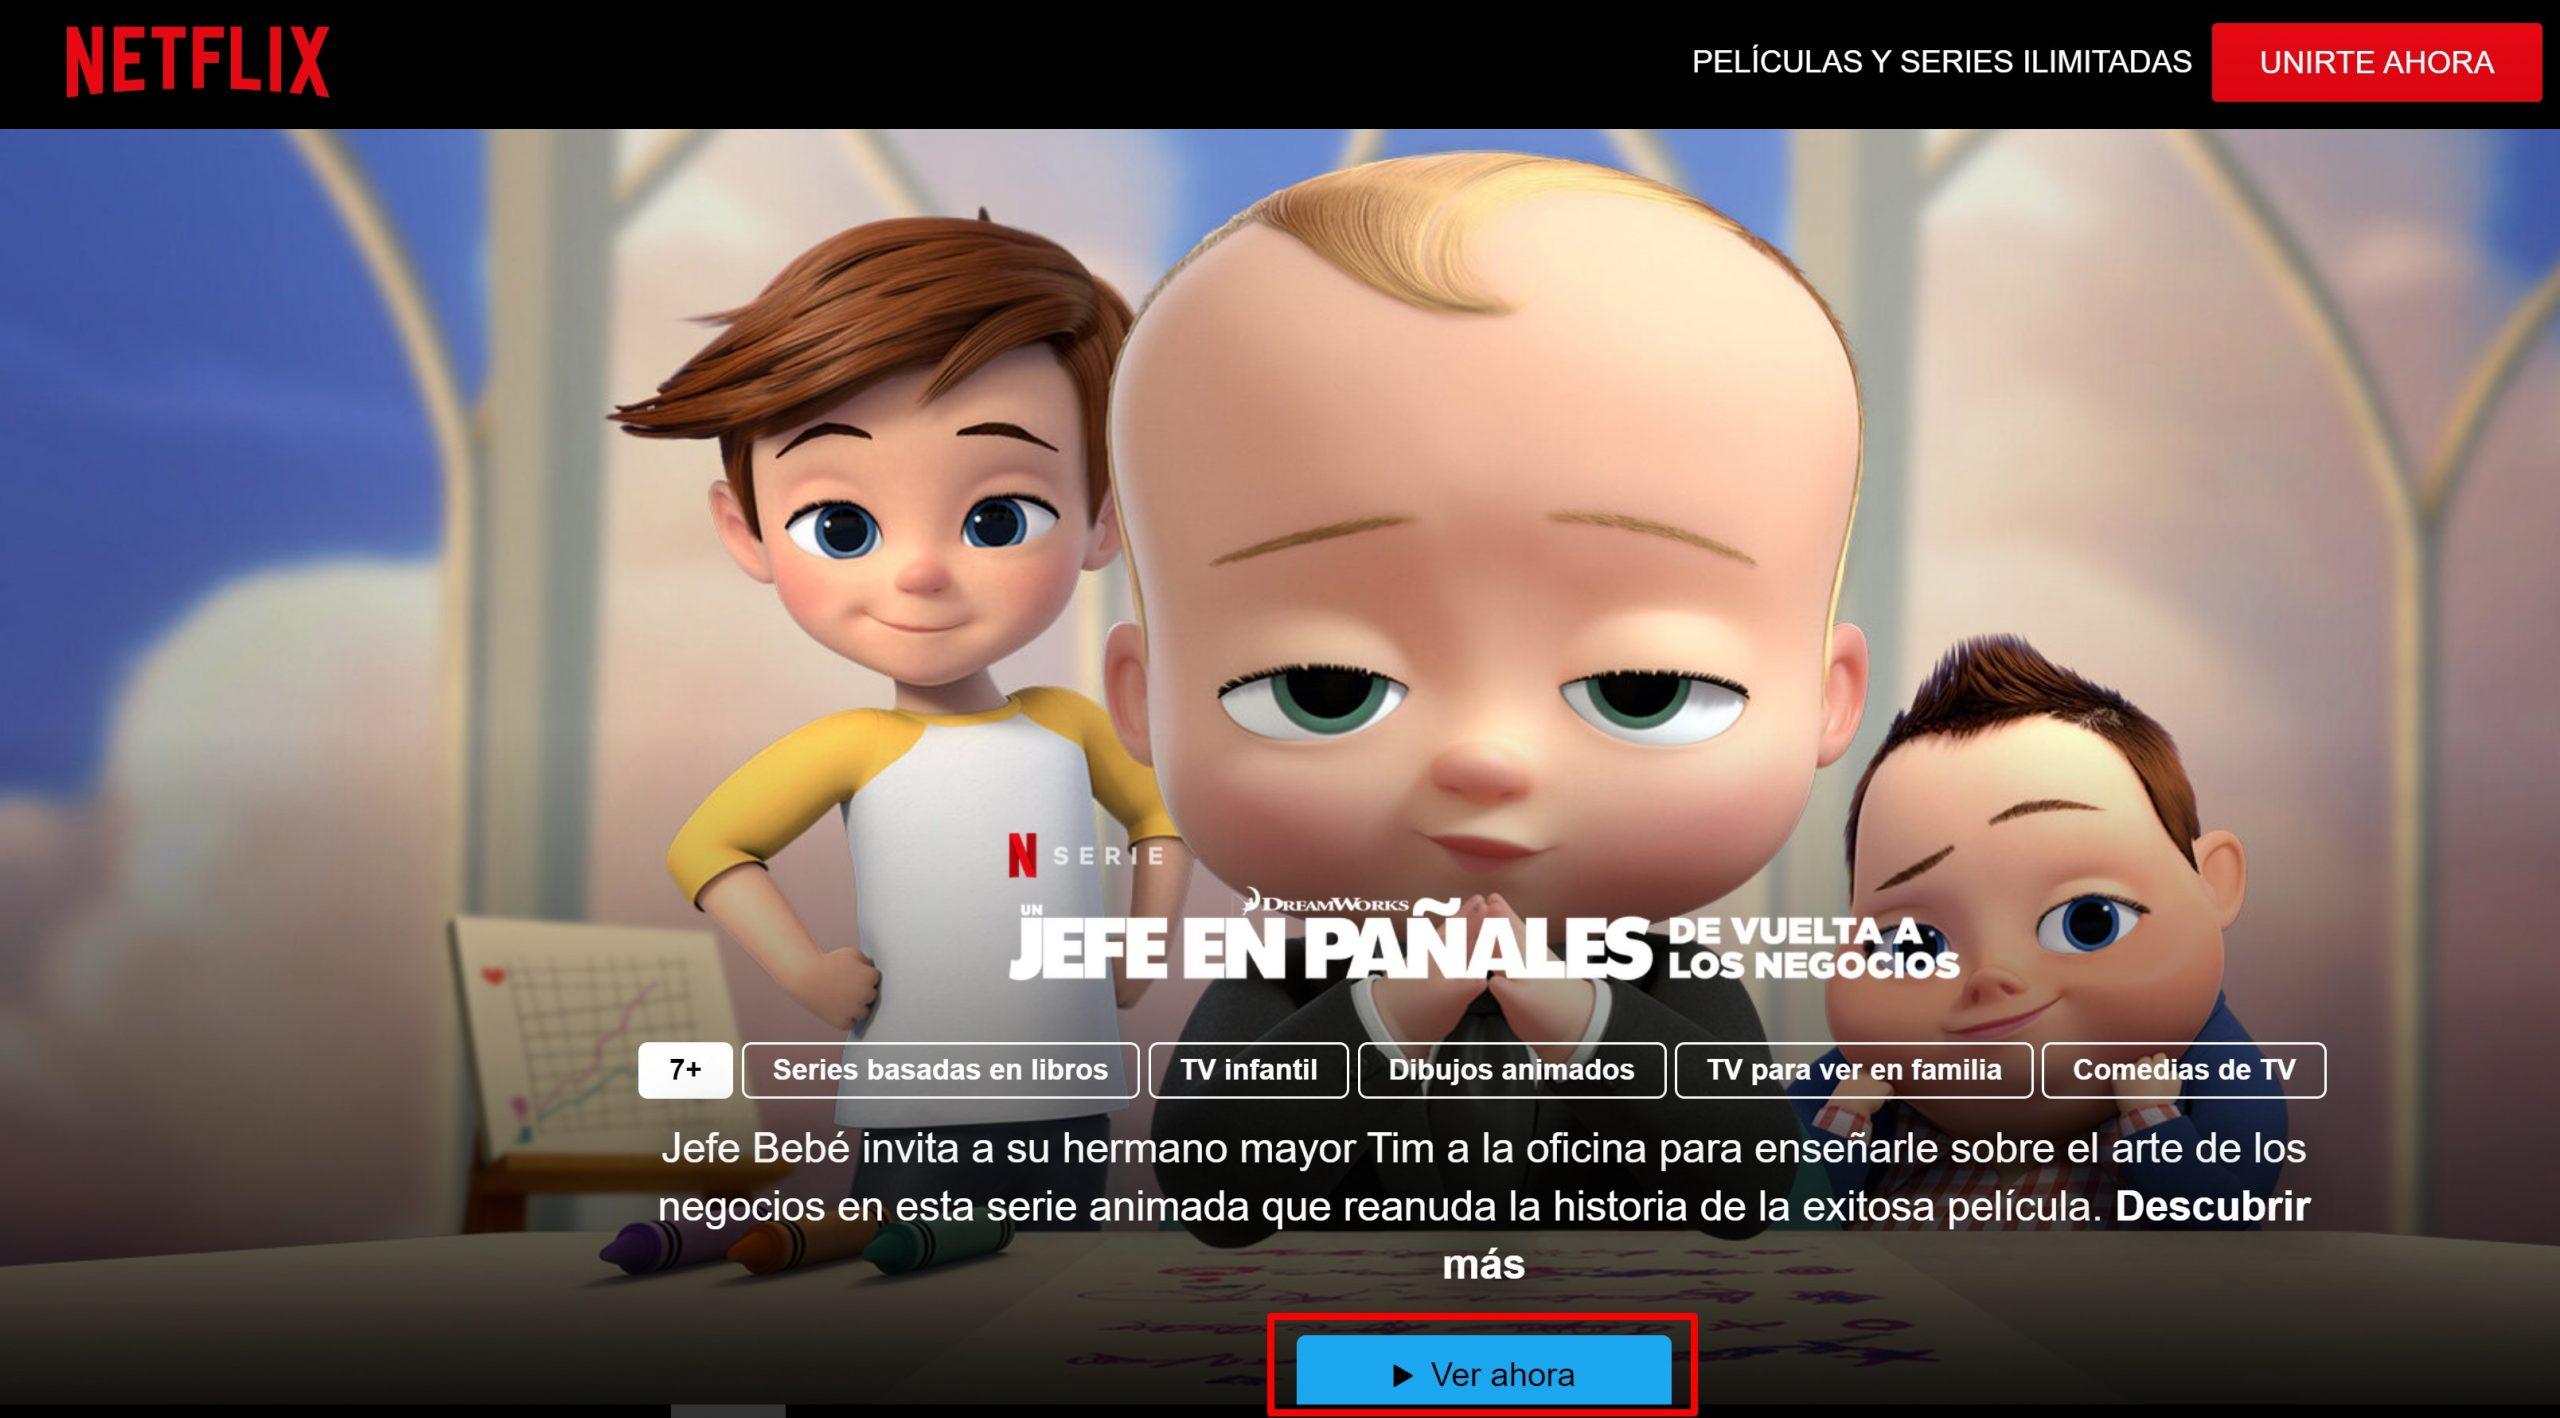 Cómo ver películas gratis en Netflix